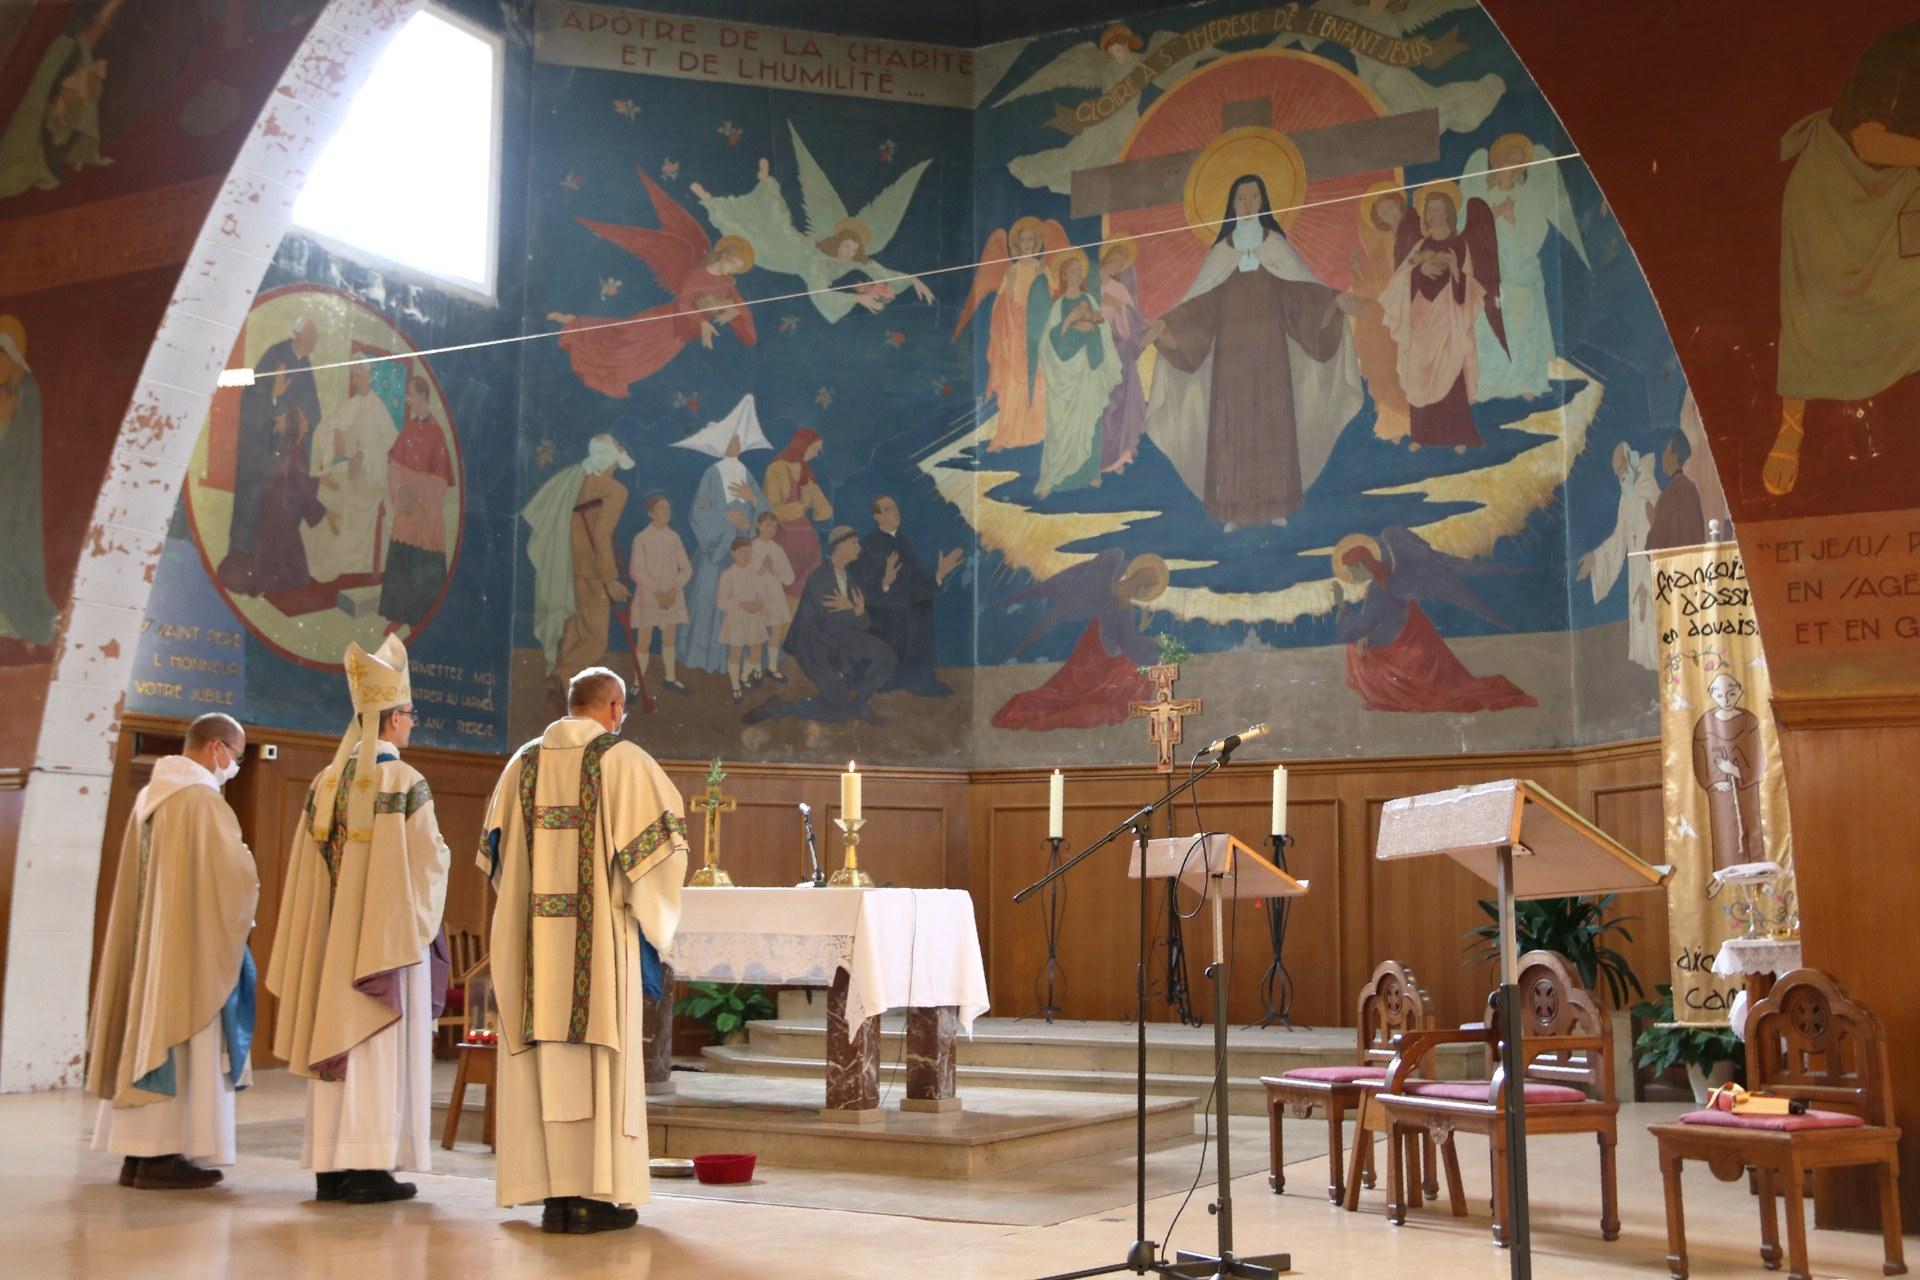 2010 - Messe présidée par Mgr DOLLMANN 71